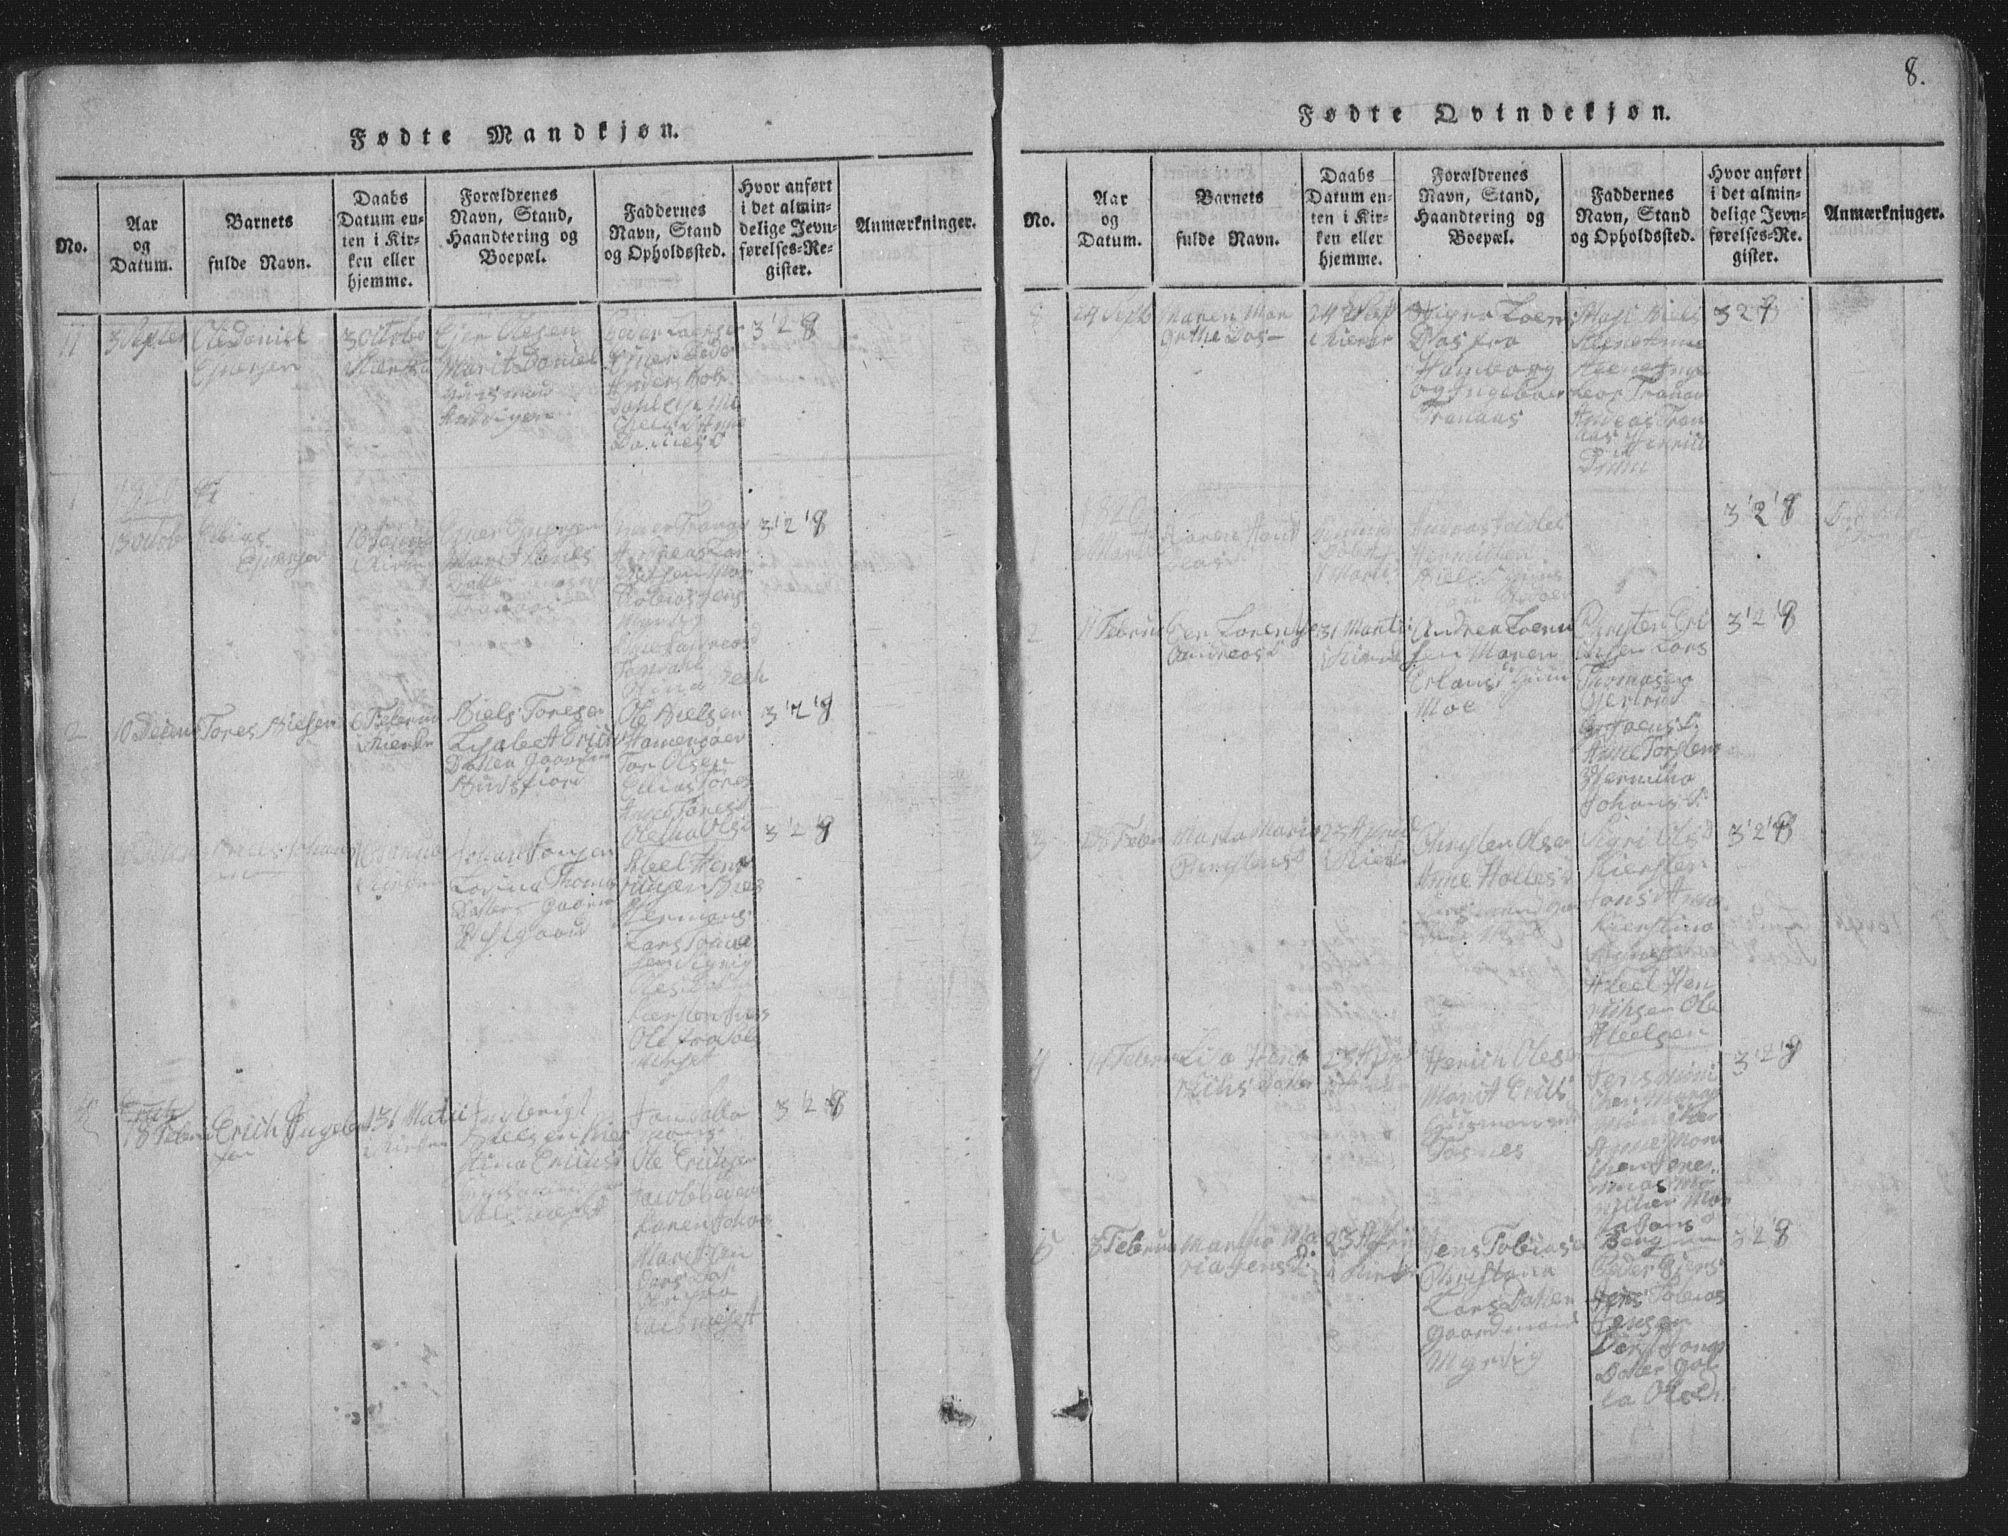 SAT, Ministerialprotokoller, klokkerbøker og fødselsregistre - Nord-Trøndelag, 773/L0613: Ministerialbok nr. 773A04, 1815-1845, s. 8